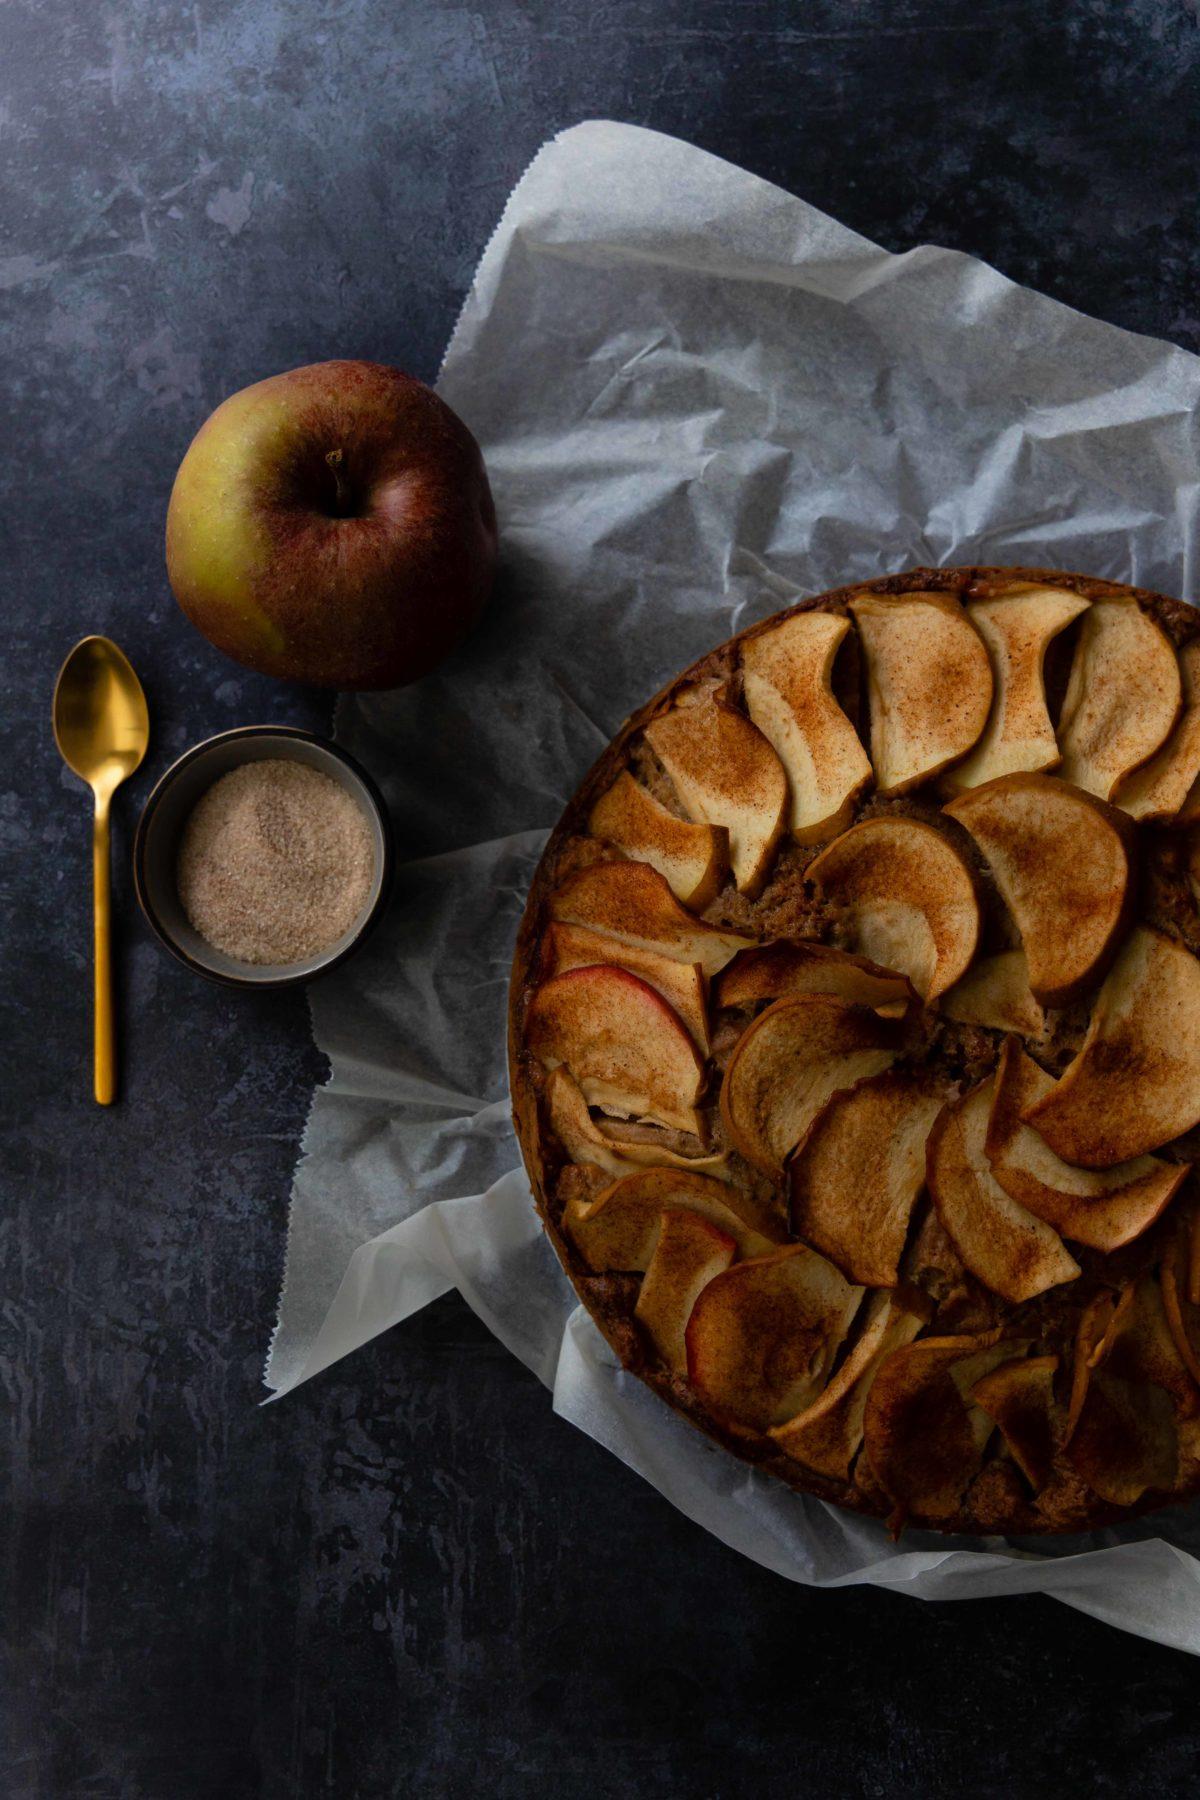 Perfekt im Herbst: Apfel-Gewürzkuchen / Apple spice cake by https://babyrockmyday.com/apfel-gewuerzkuchen/